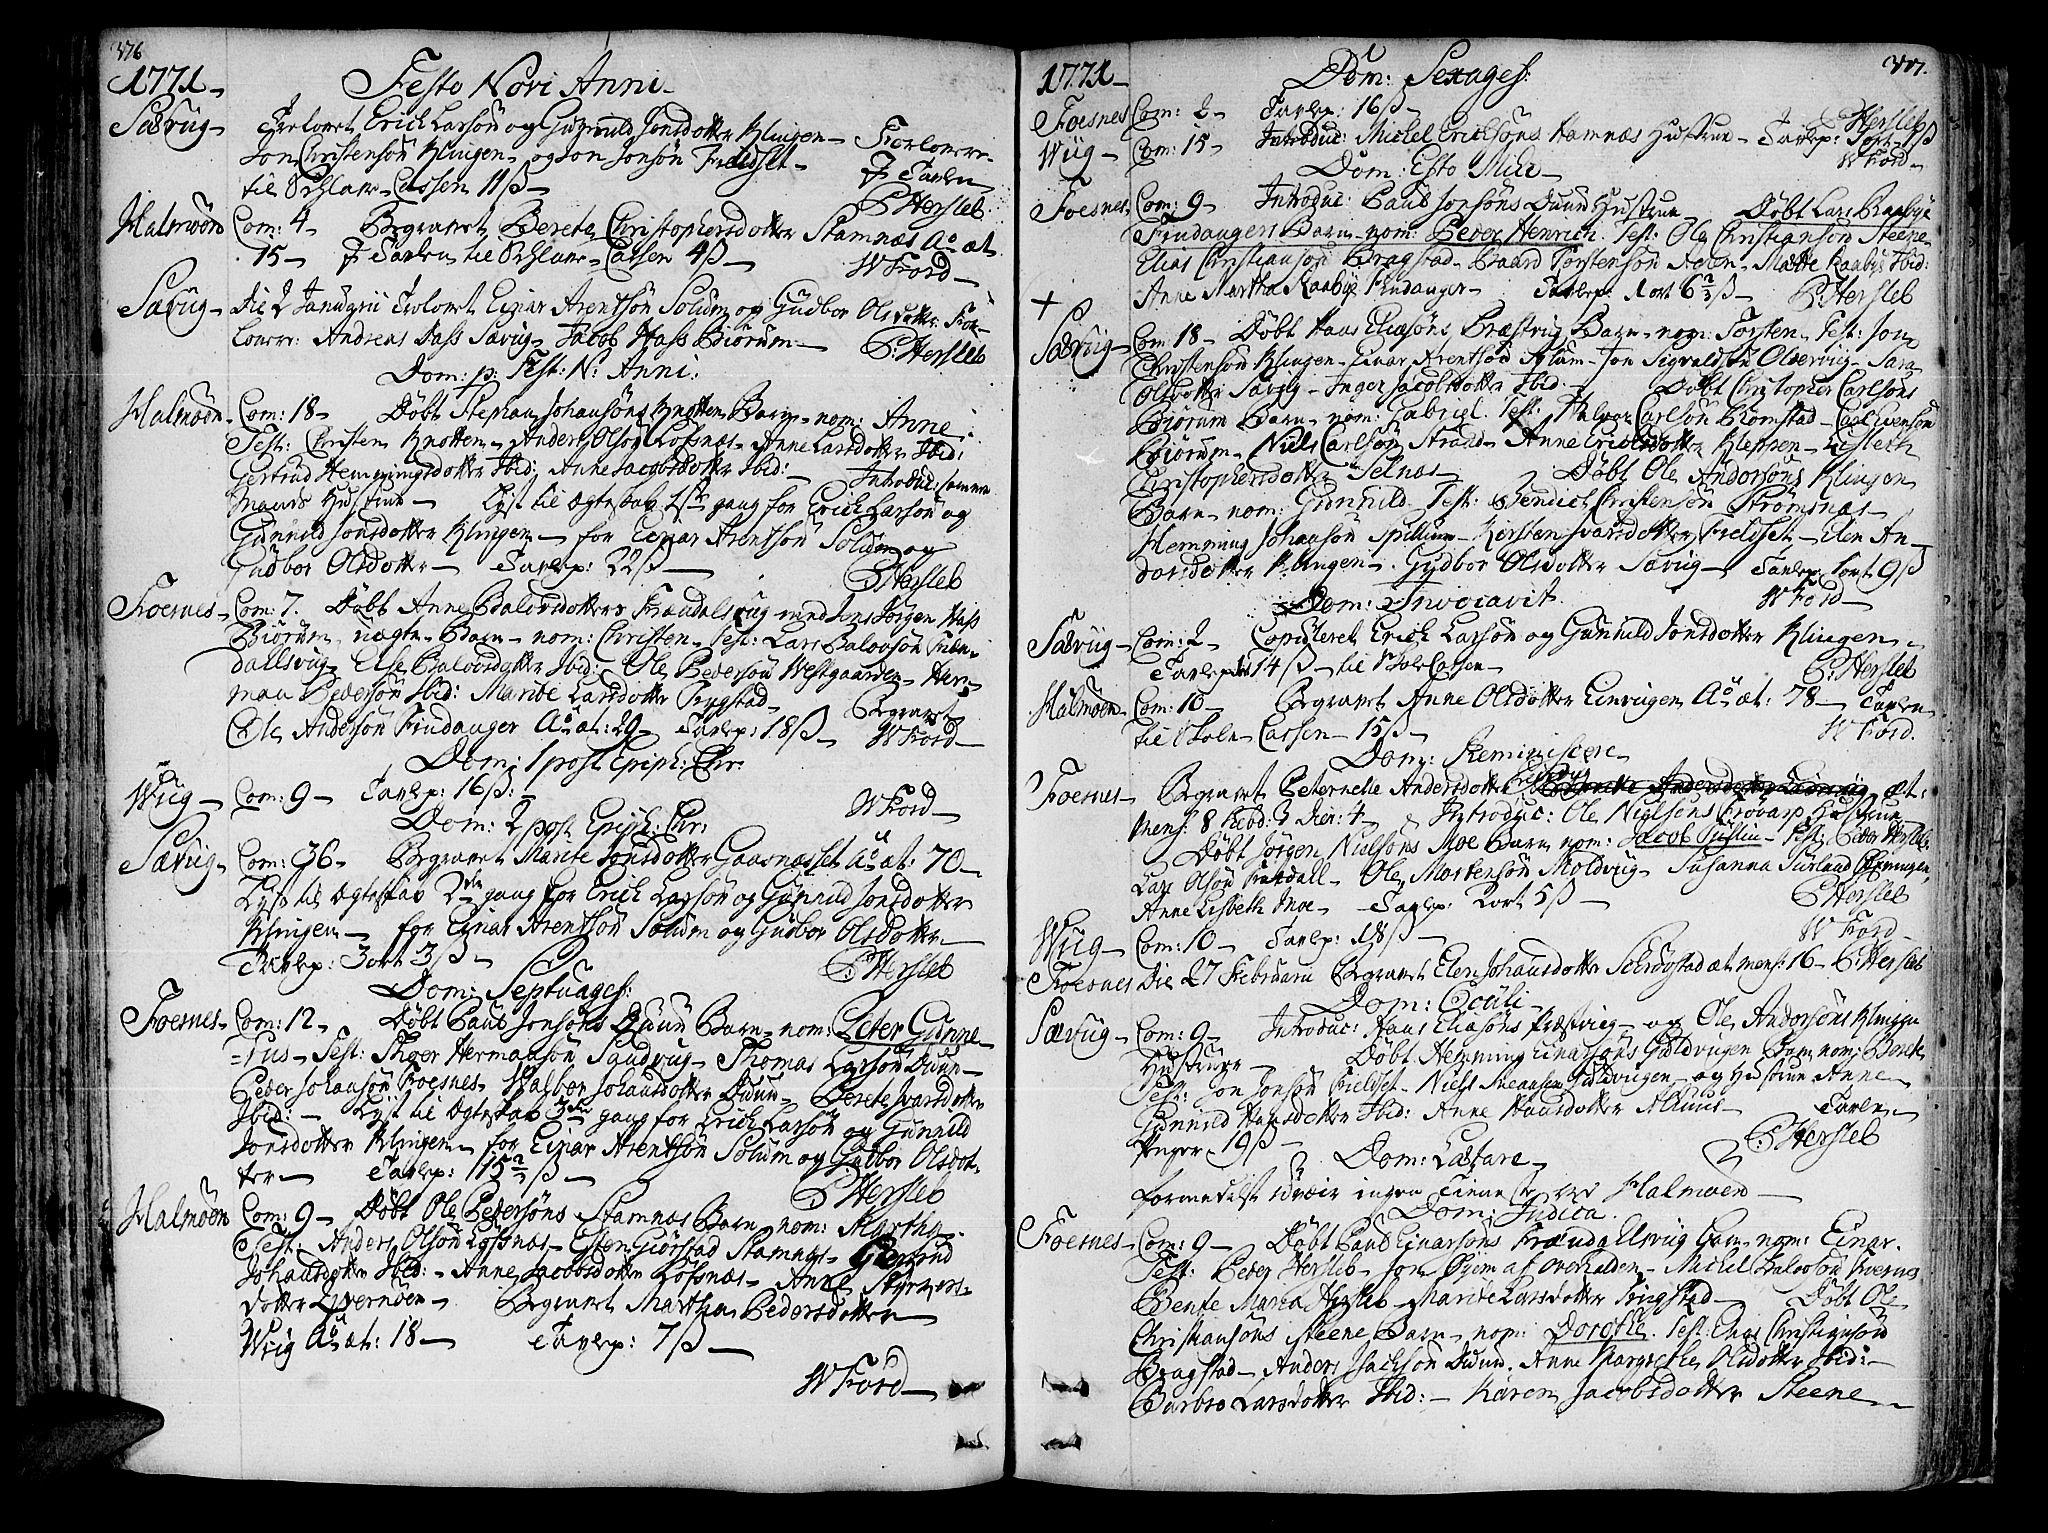 SAT, Ministerialprotokoller, klokkerbøker og fødselsregistre - Nord-Trøndelag, 773/L0607: Parish register (official) no. 773A01, 1751-1783, p. 376-377